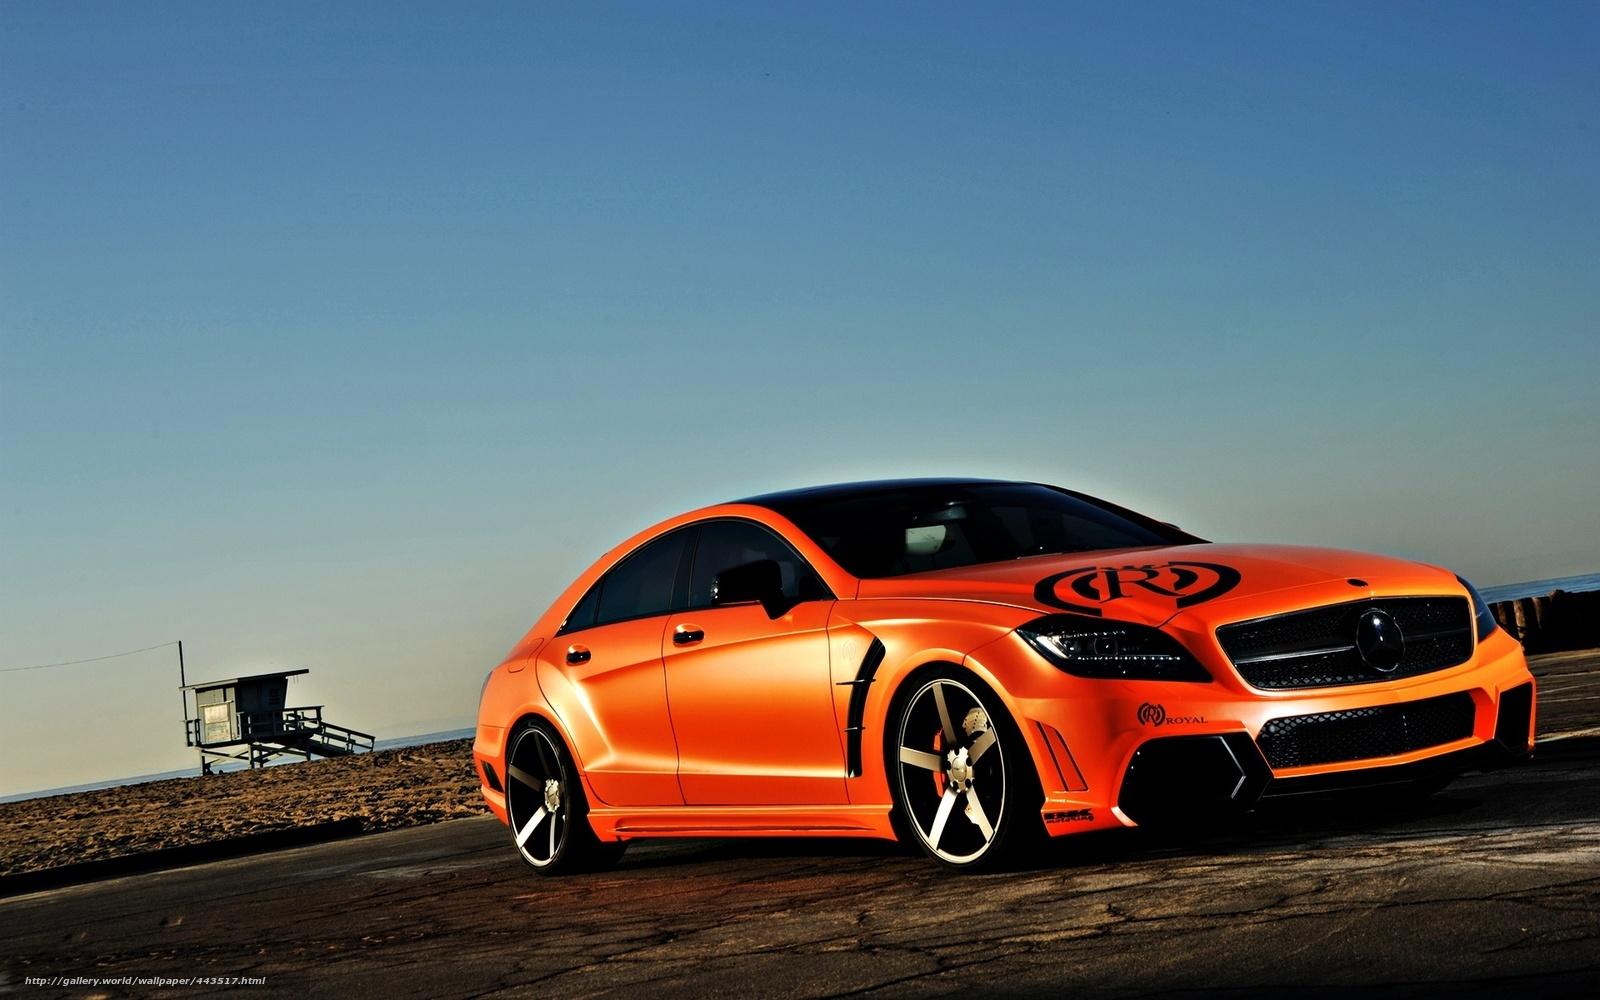 Tlcharger Fond d'ecran Mercedes, Voiture, machine, voitures Fonds d'ecran gratuits pour votre ...